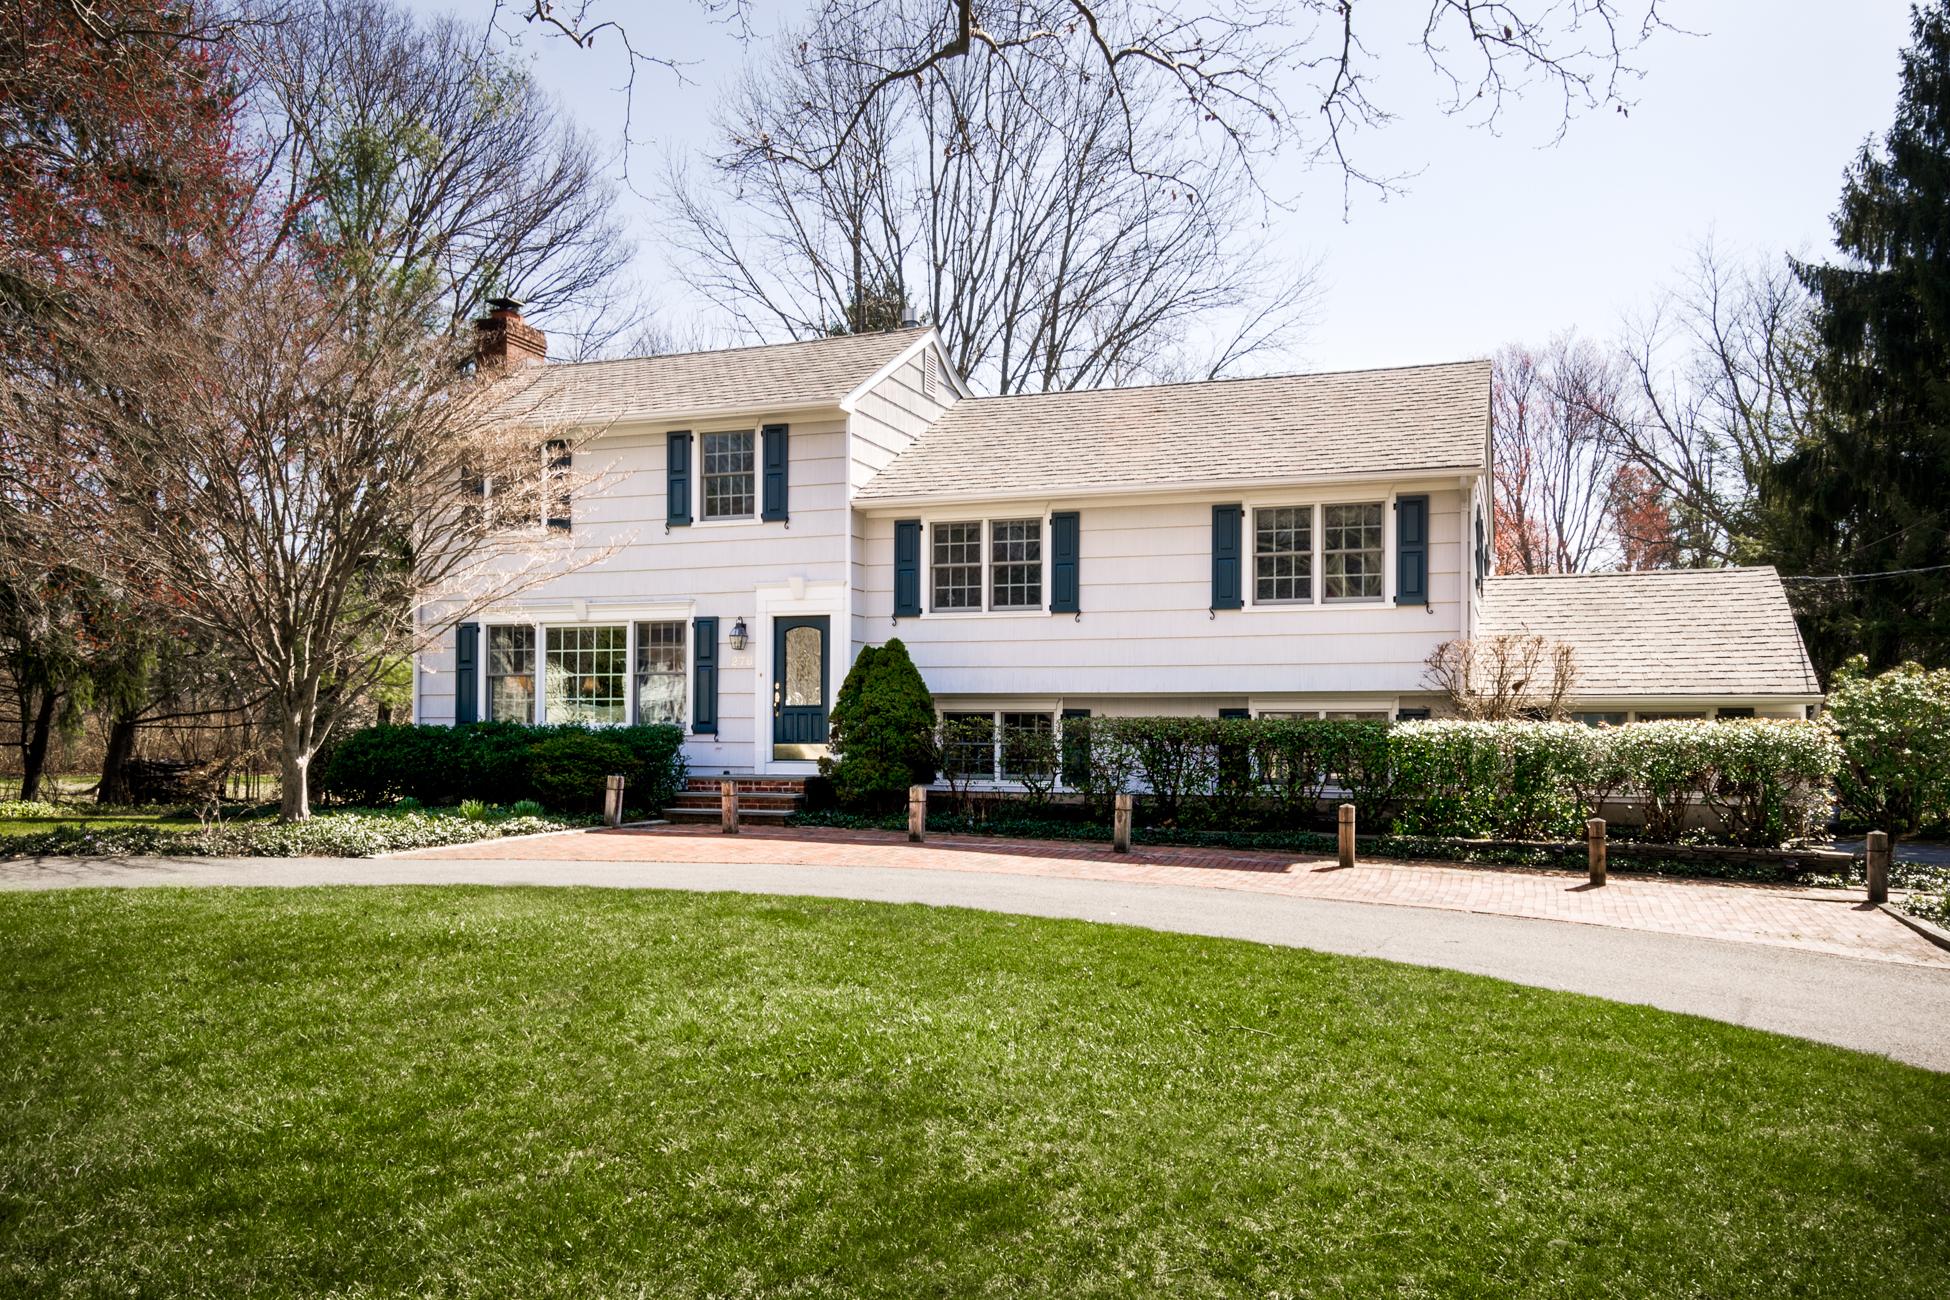 Einfamilienhaus für Verkauf beim Lovely, Park-Like Lot Embraces Littlebrook Charmer 276 Shadybrook Lane Princeton, New Jersey, 08540 Vereinigte Staaten